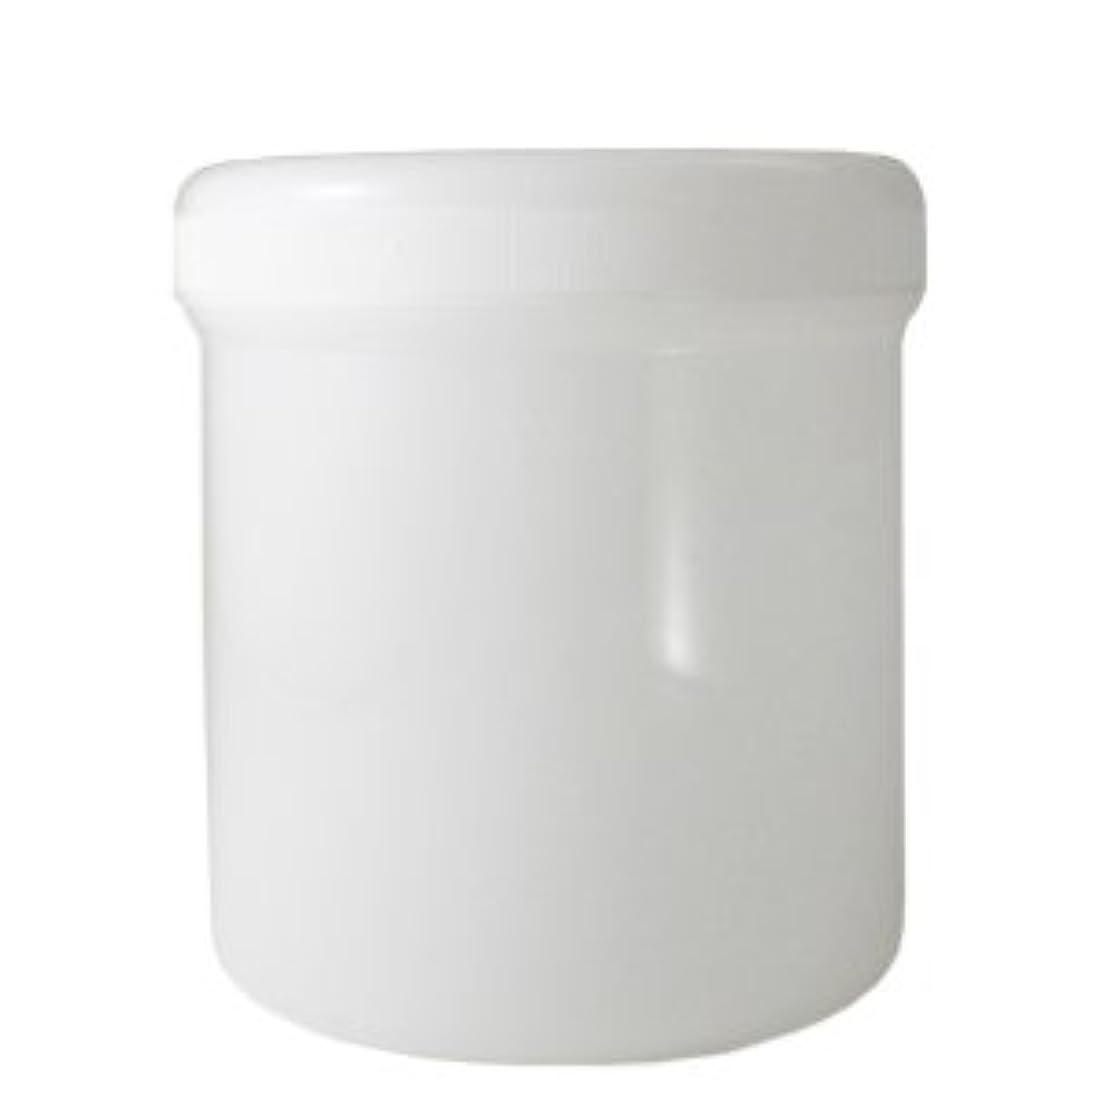 月曜結婚する申し立てナンコー容器 クリームジャー化粧品容器 550ml